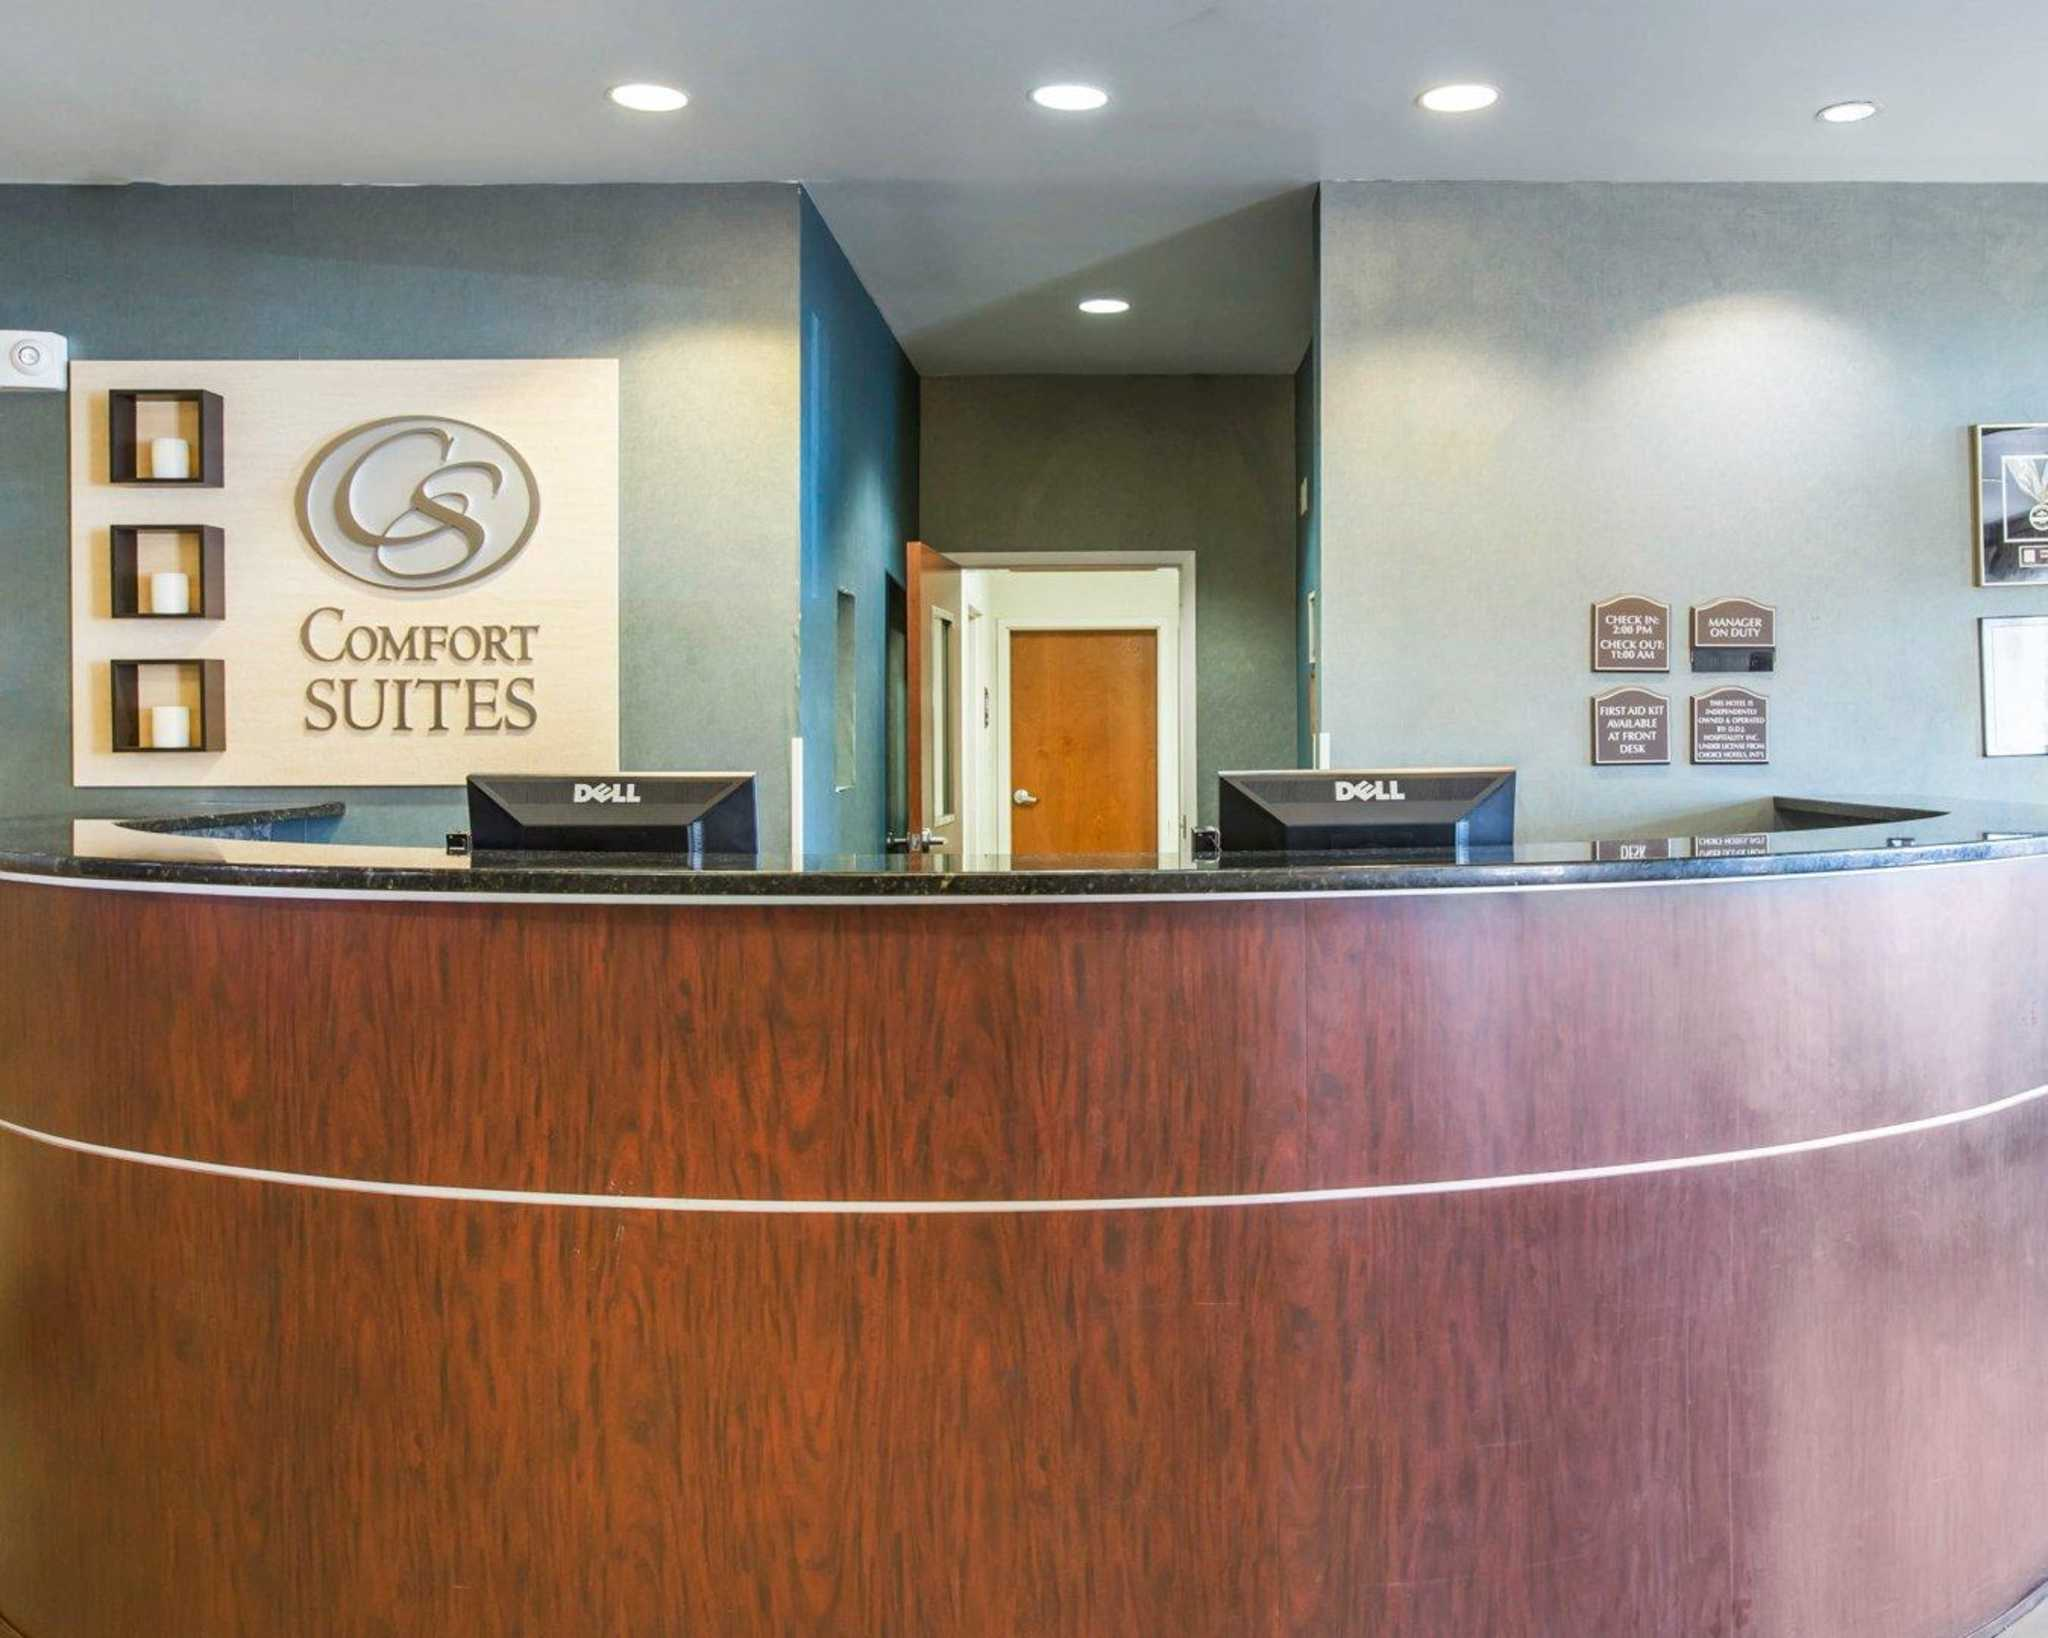 Comfort inn and suites mcdonough ga comfort suites for Hotels near atlanta motor speedway hampton ga